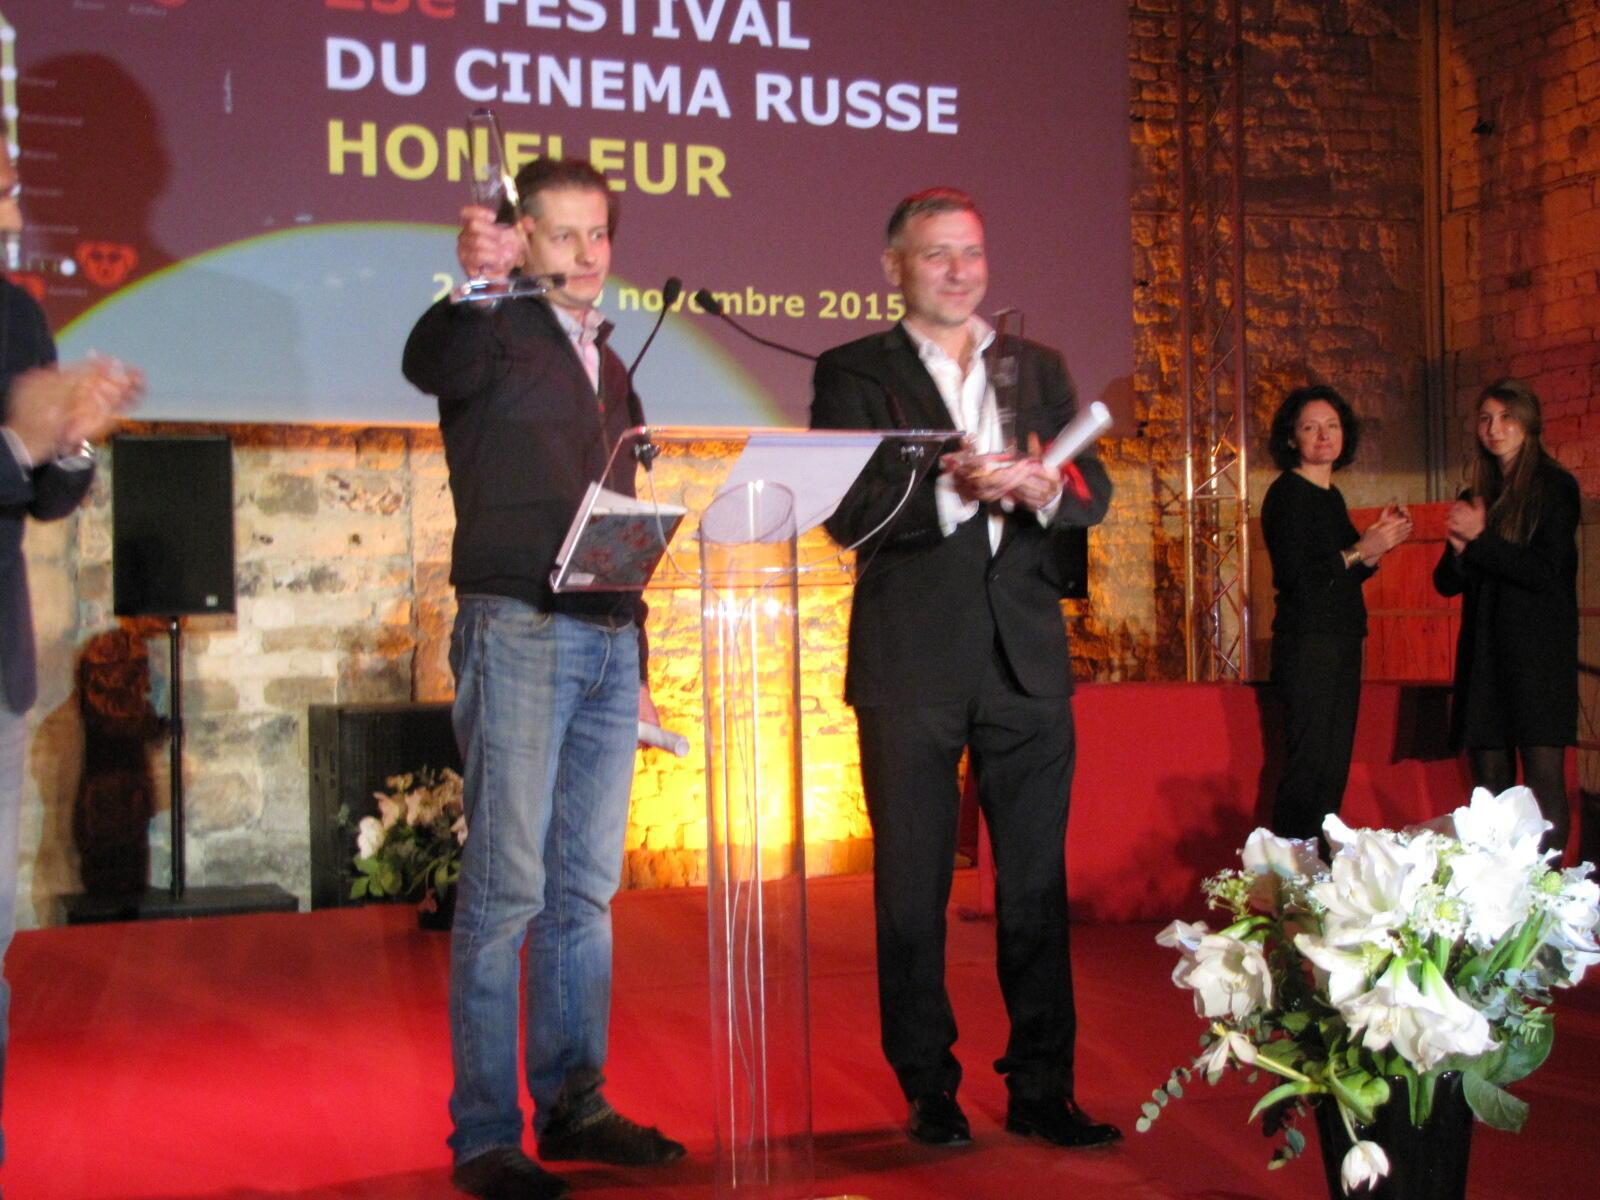 Победители 23 фестиваля в Онфлере, Андрей Зайцев (слева) и Артем Темников